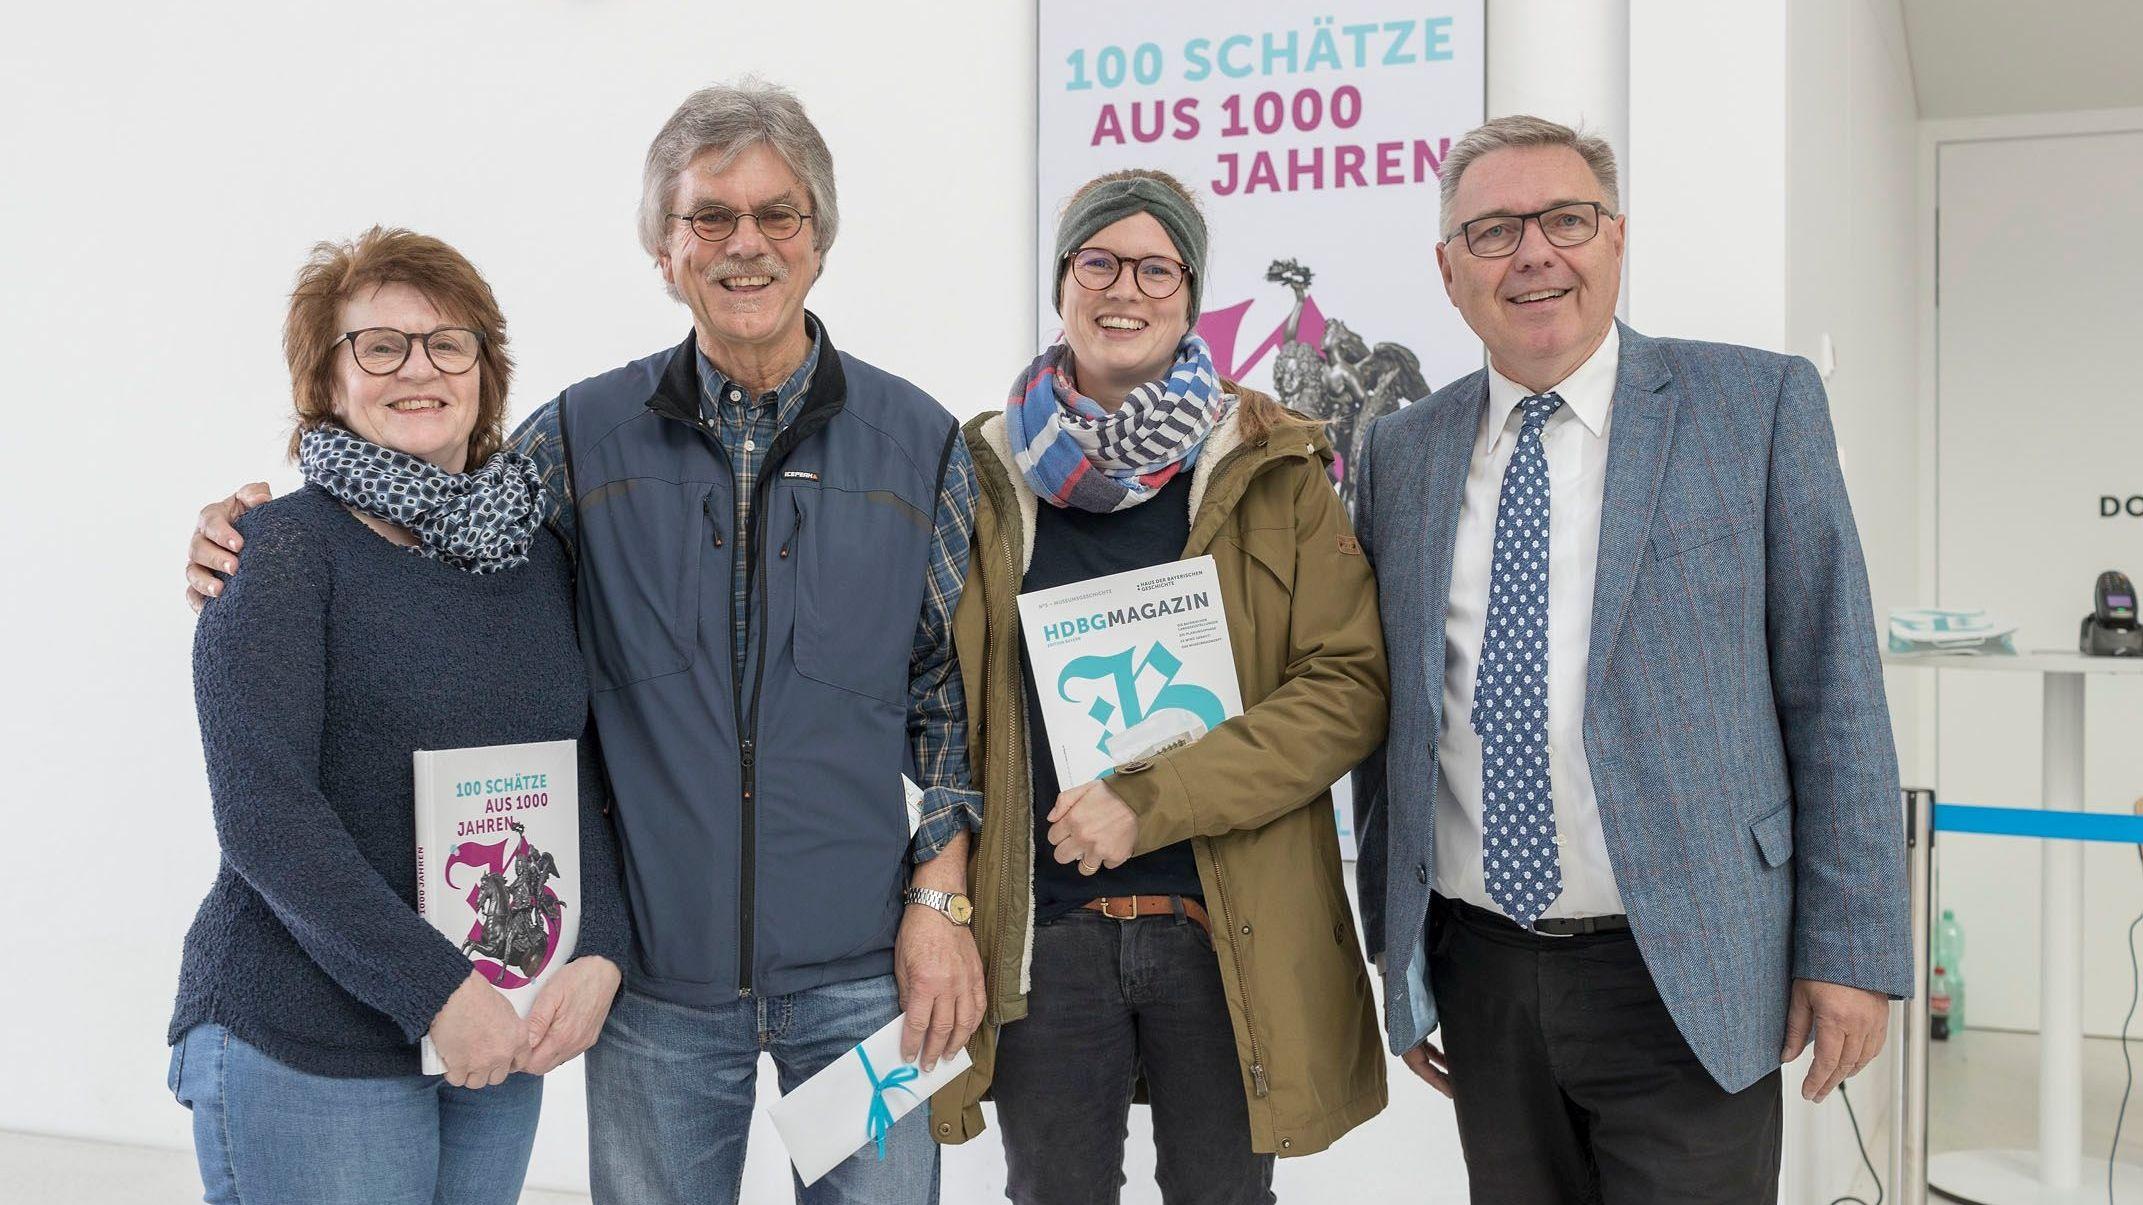 Familie Brenner aus Ergoldsbach wurde von Projektleiter Rainhard Riepertinger begrüßt.